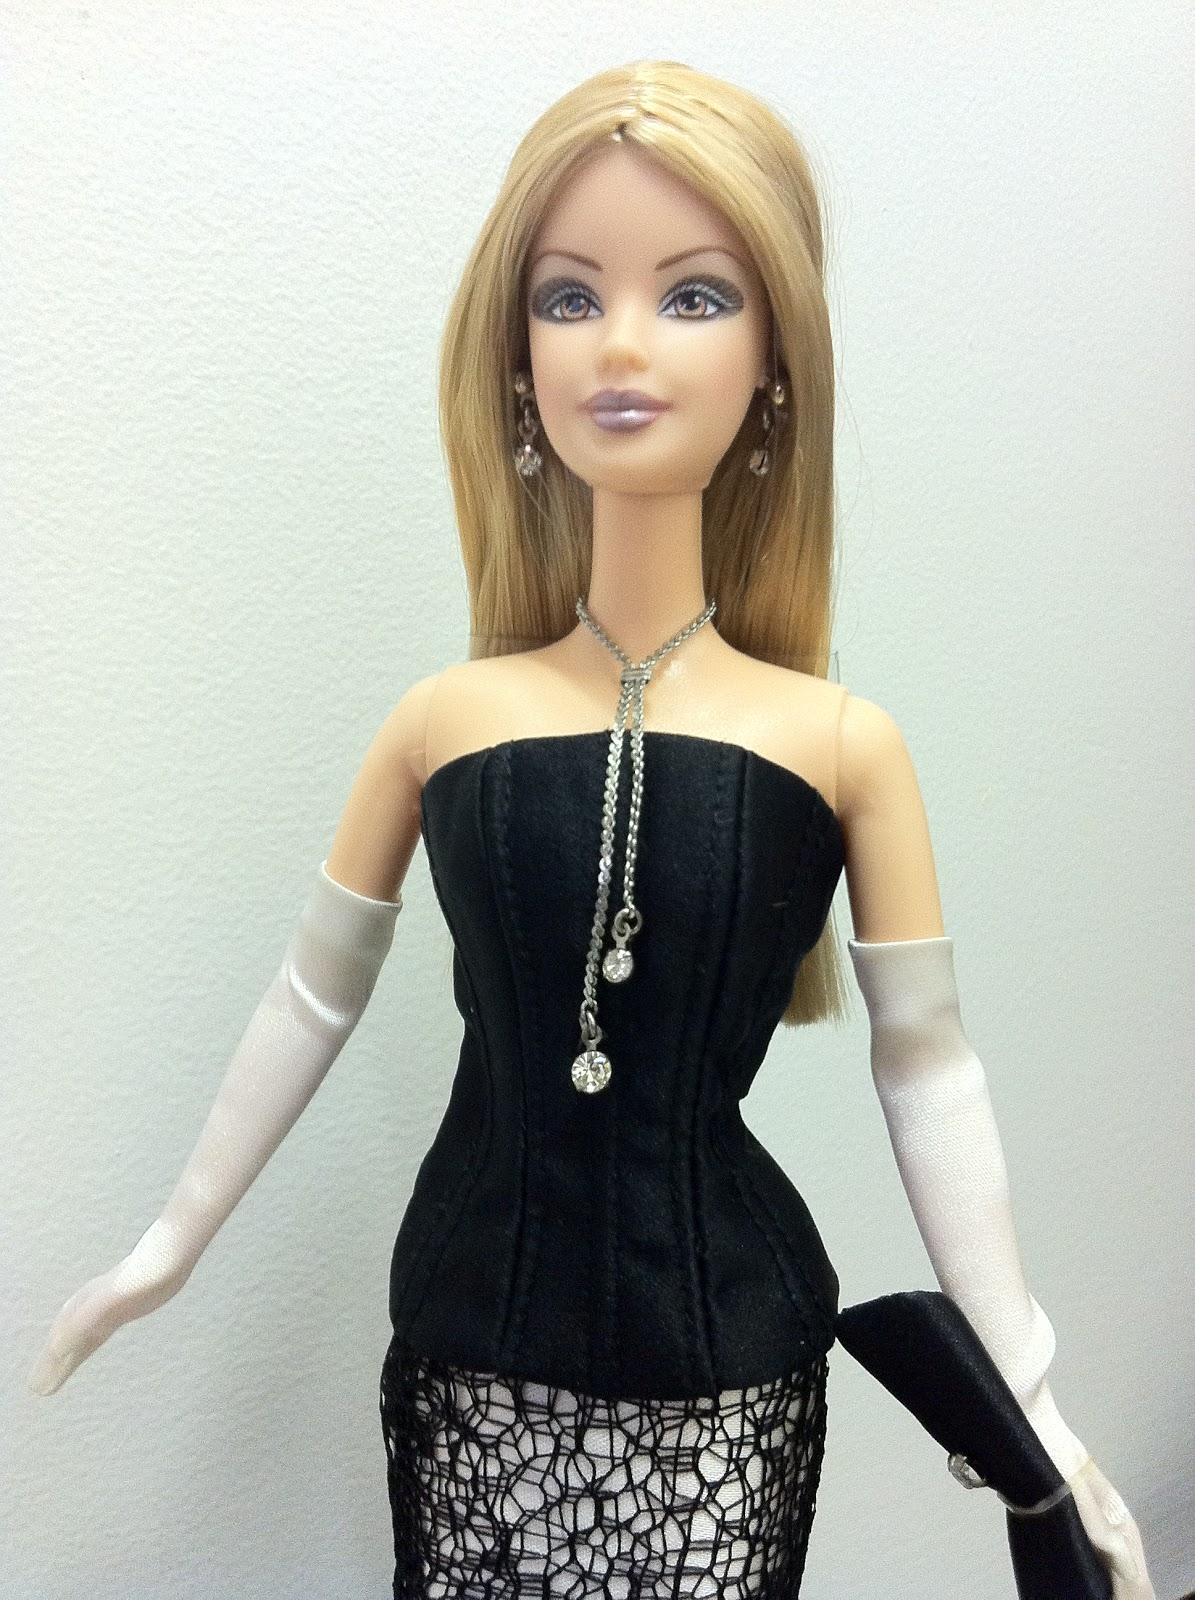 Barbie DeBoxed Society Girl